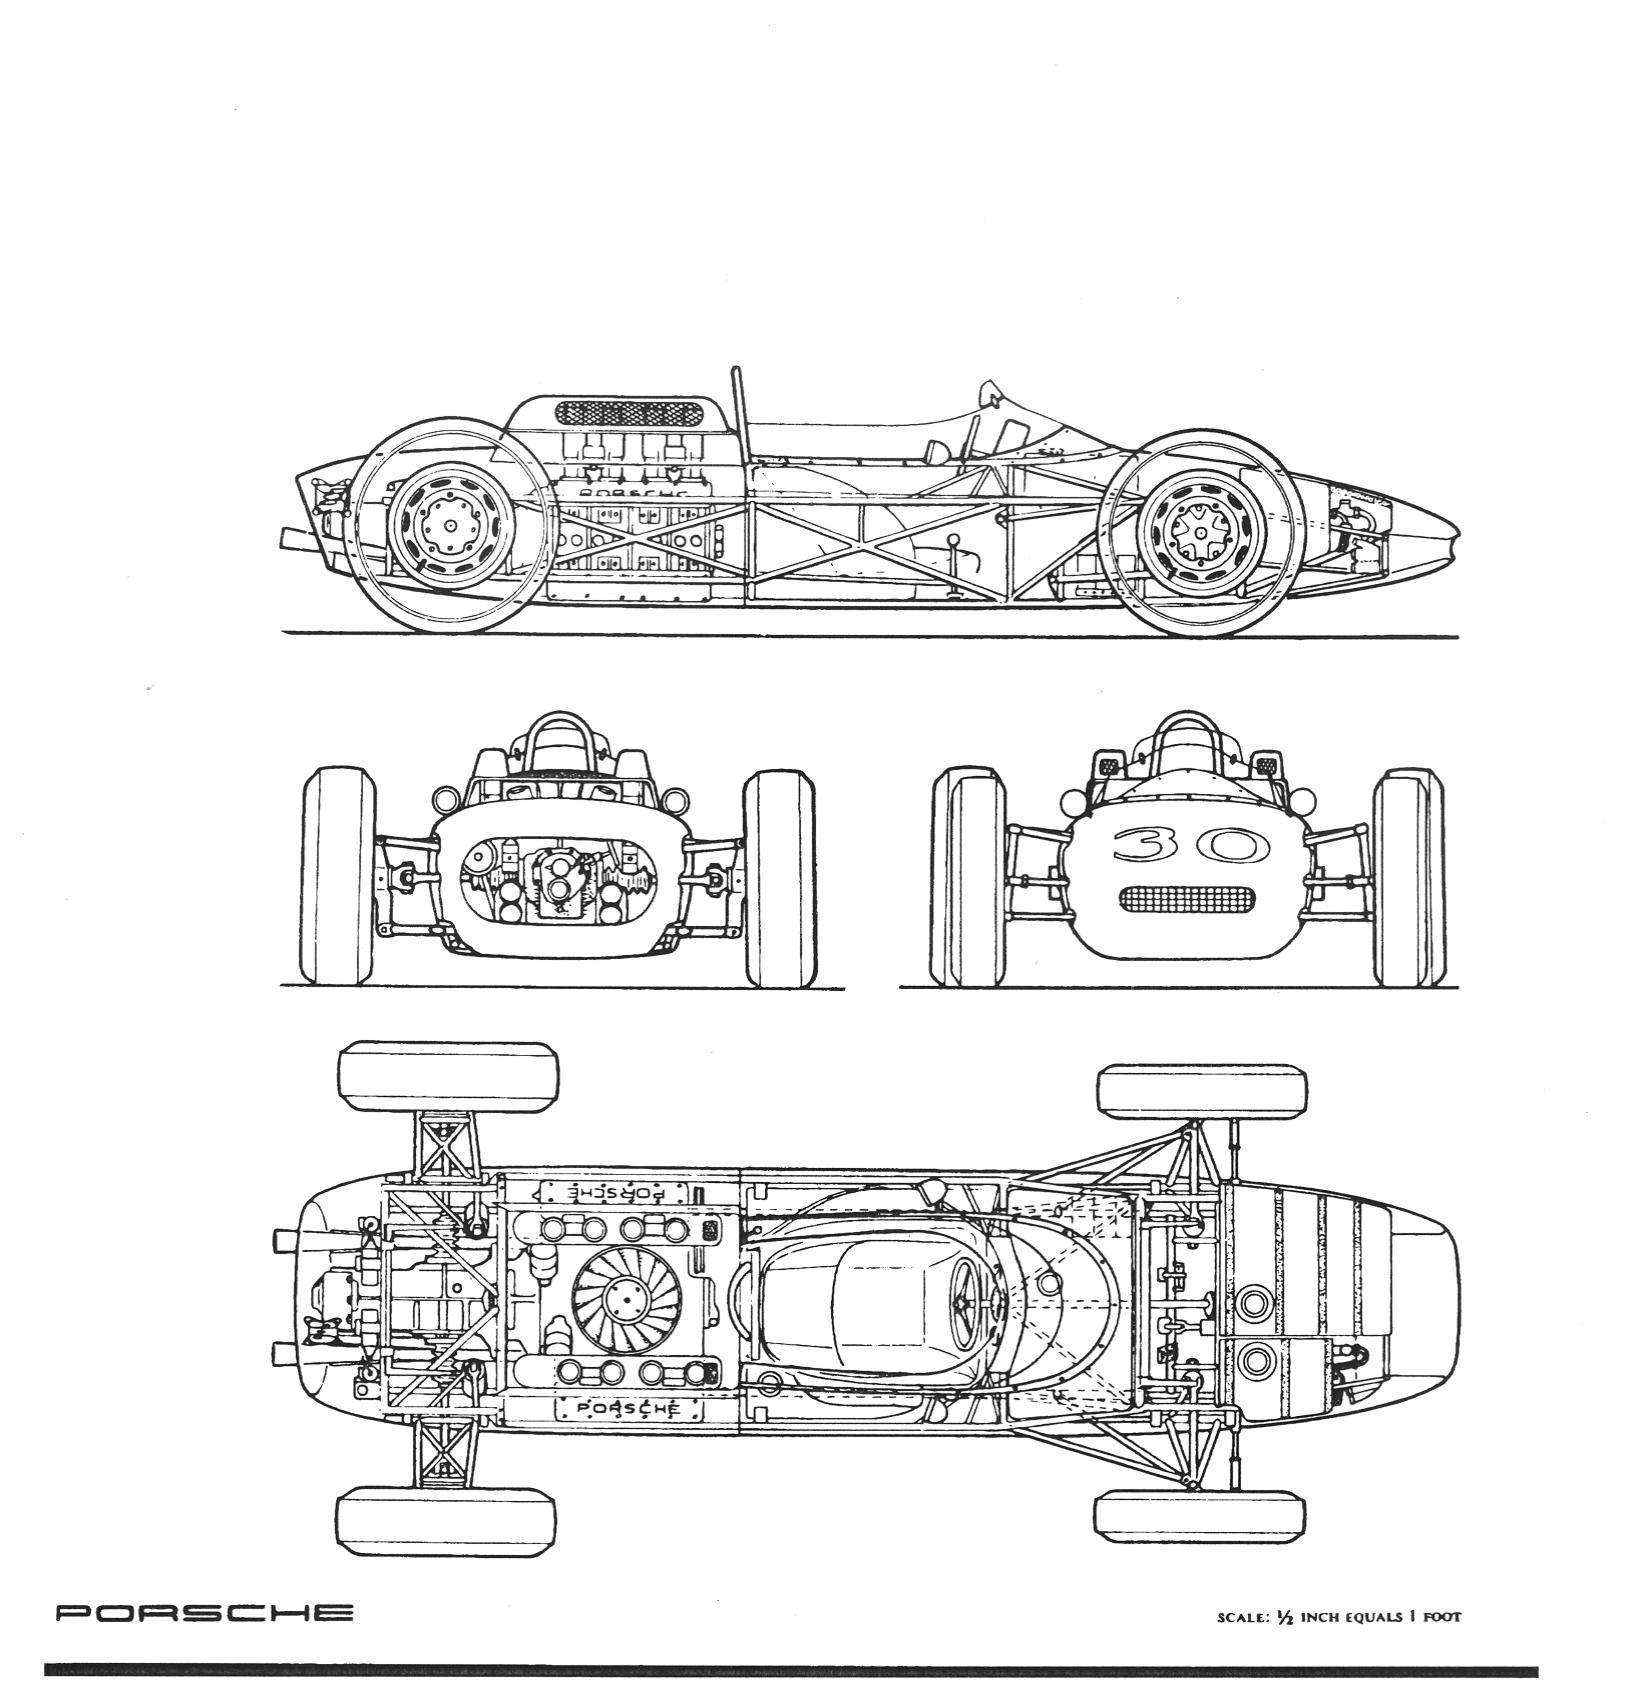 Porsche 804 Blueprint